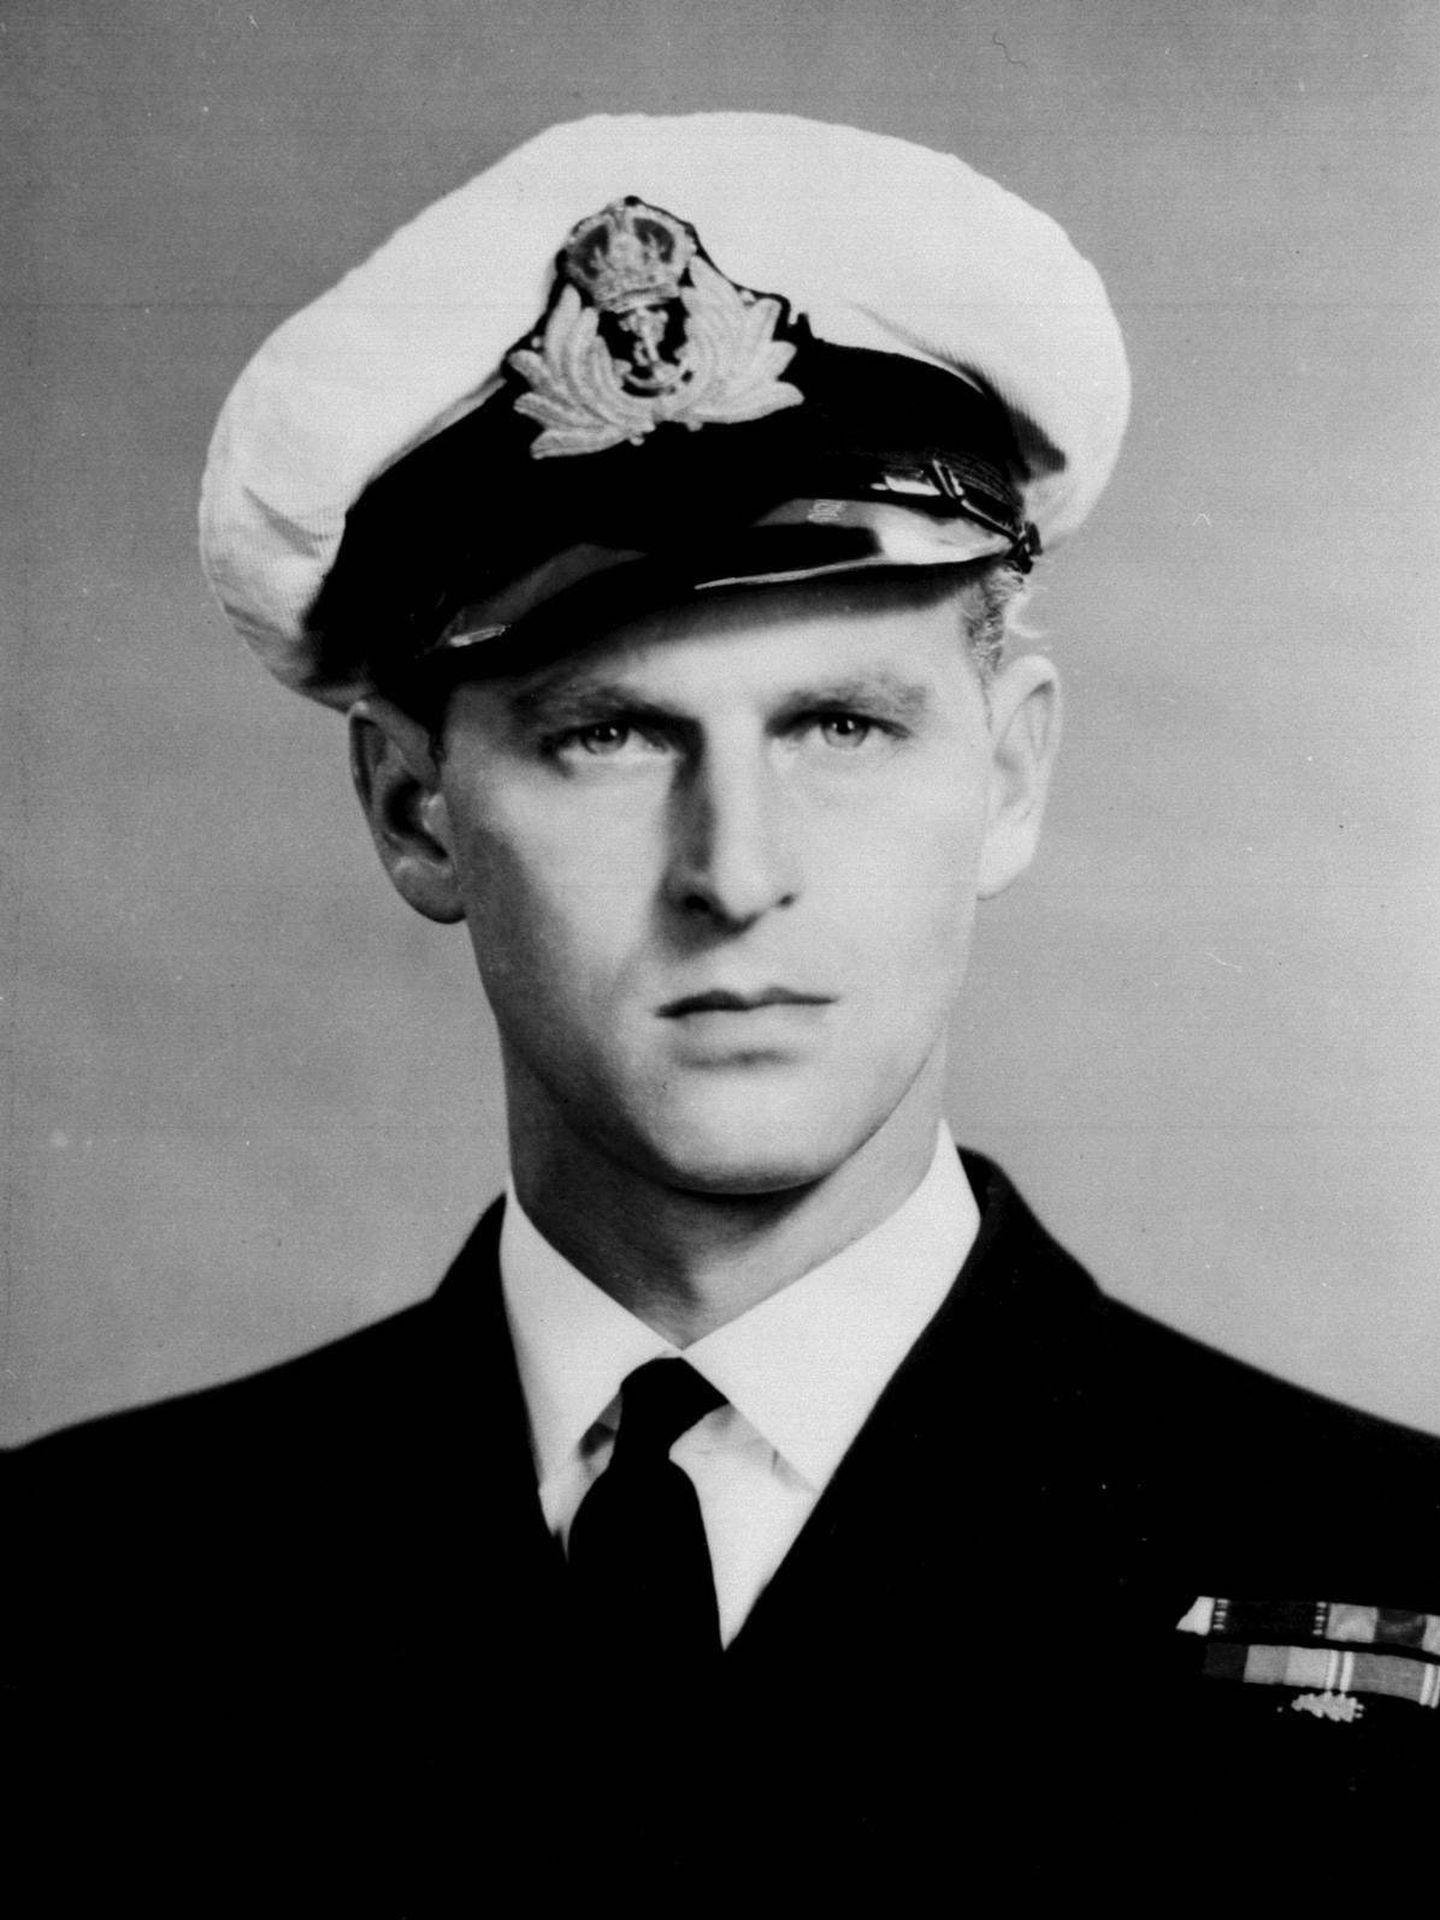 El duque de Edimburgo, con el uniforme de la Marina Real. (Palacio de Buckingham)